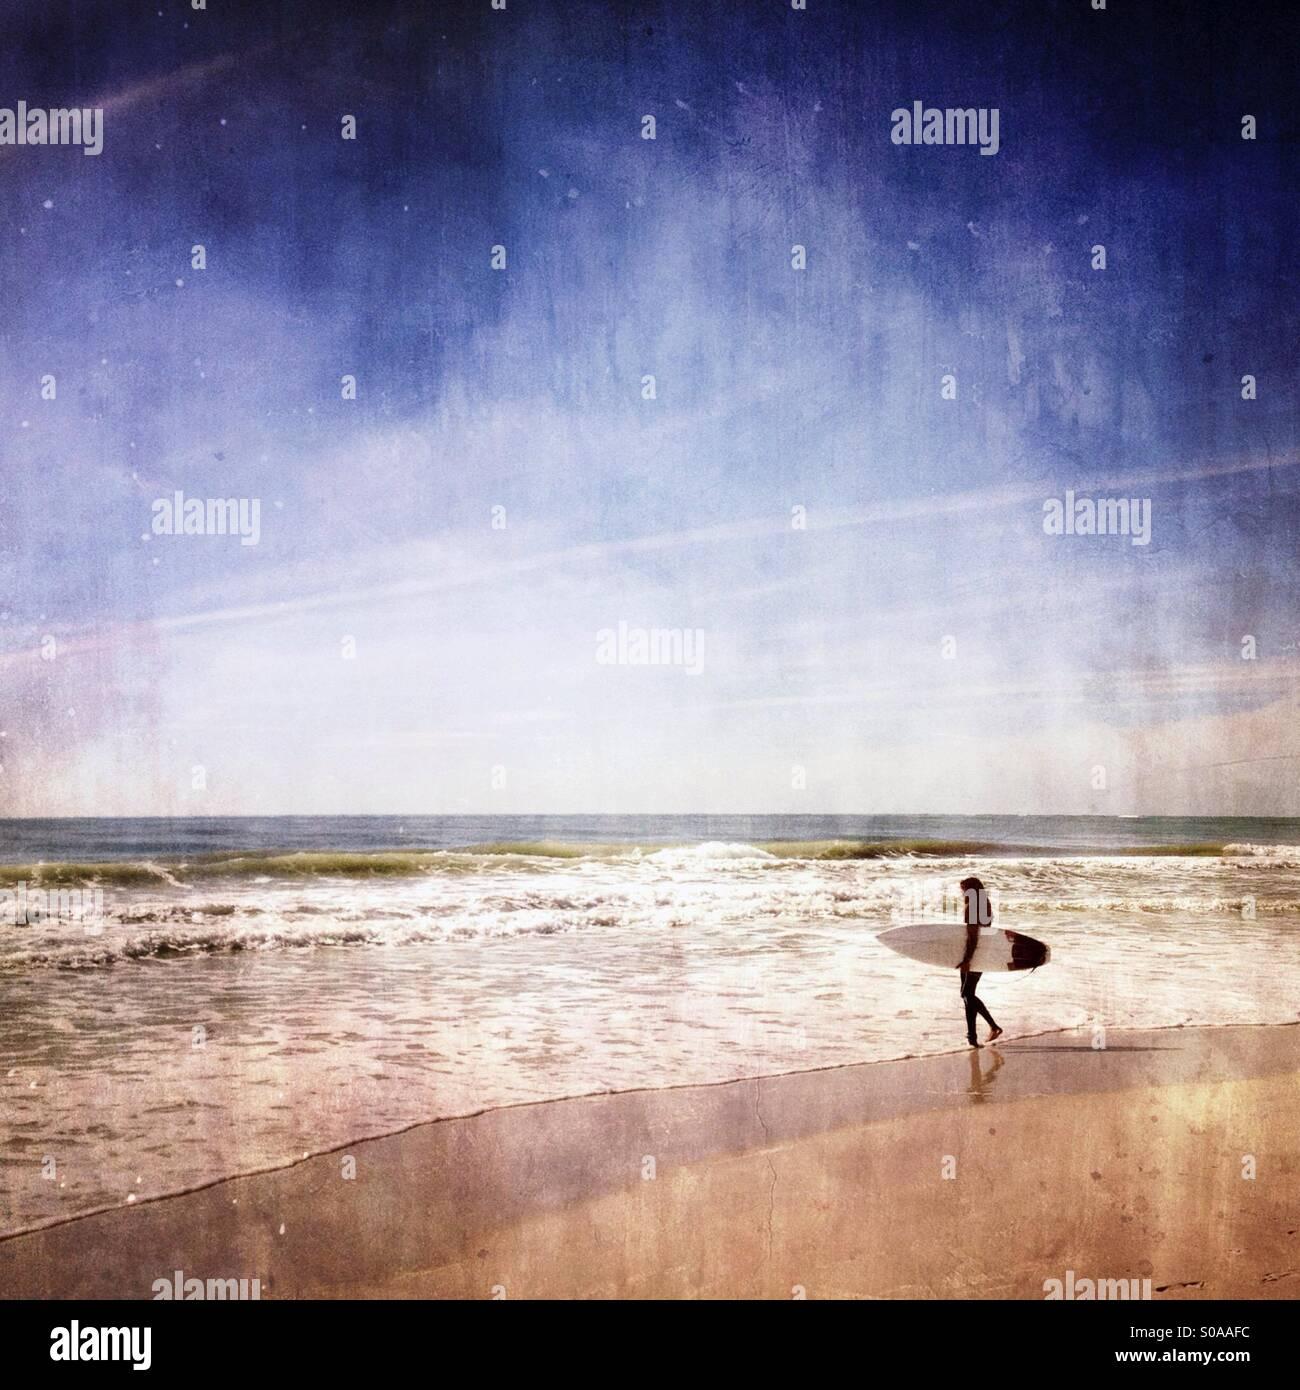 Surfer dirigé dans l'océan pour surfer. Photo Stock